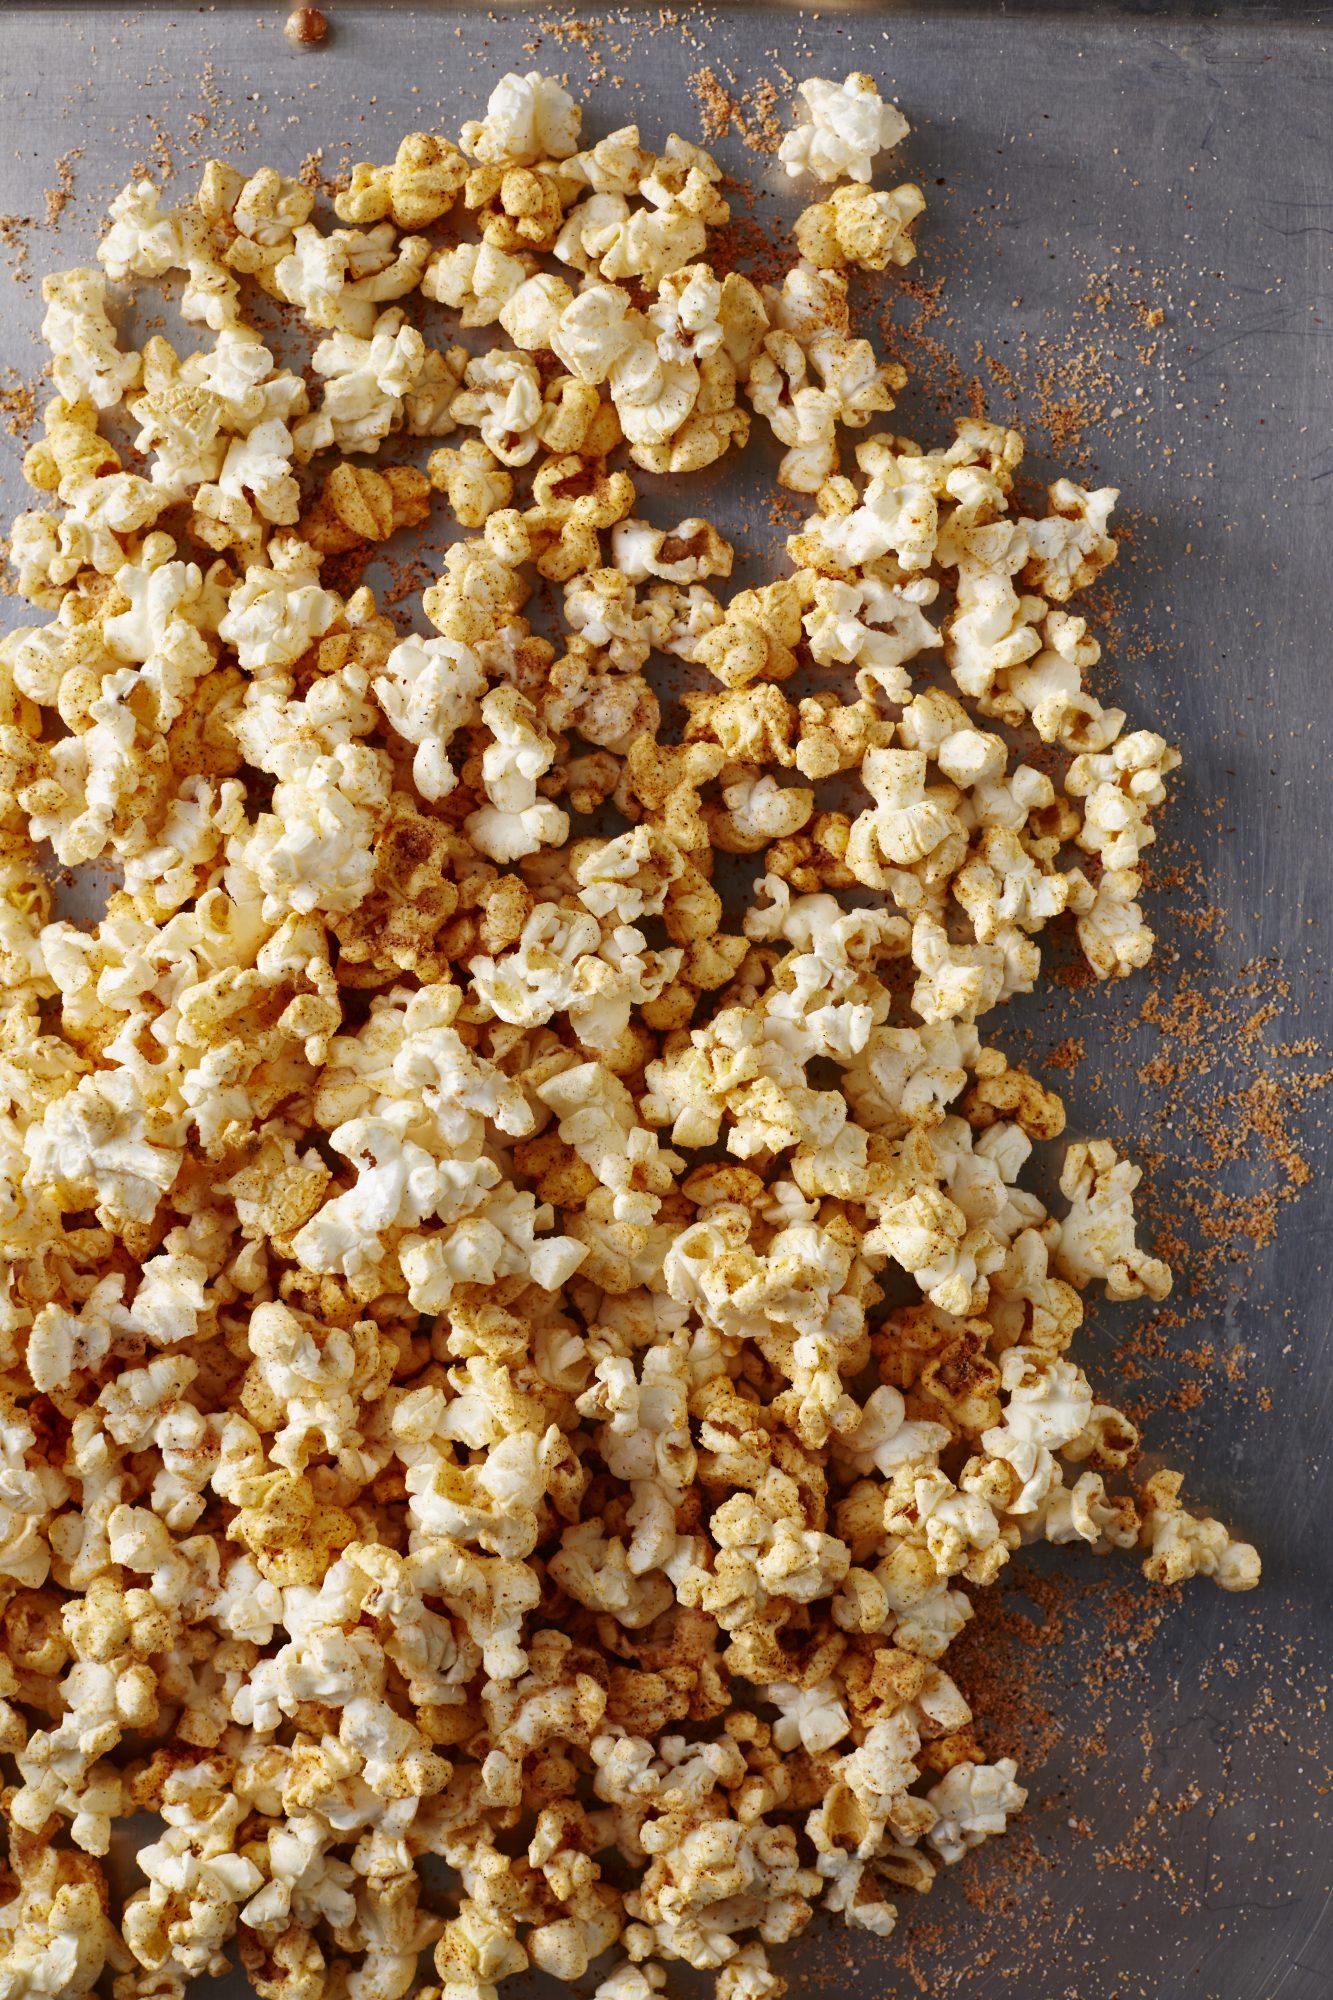 <p>Savory Pixy Stix Popcorn Image</p>